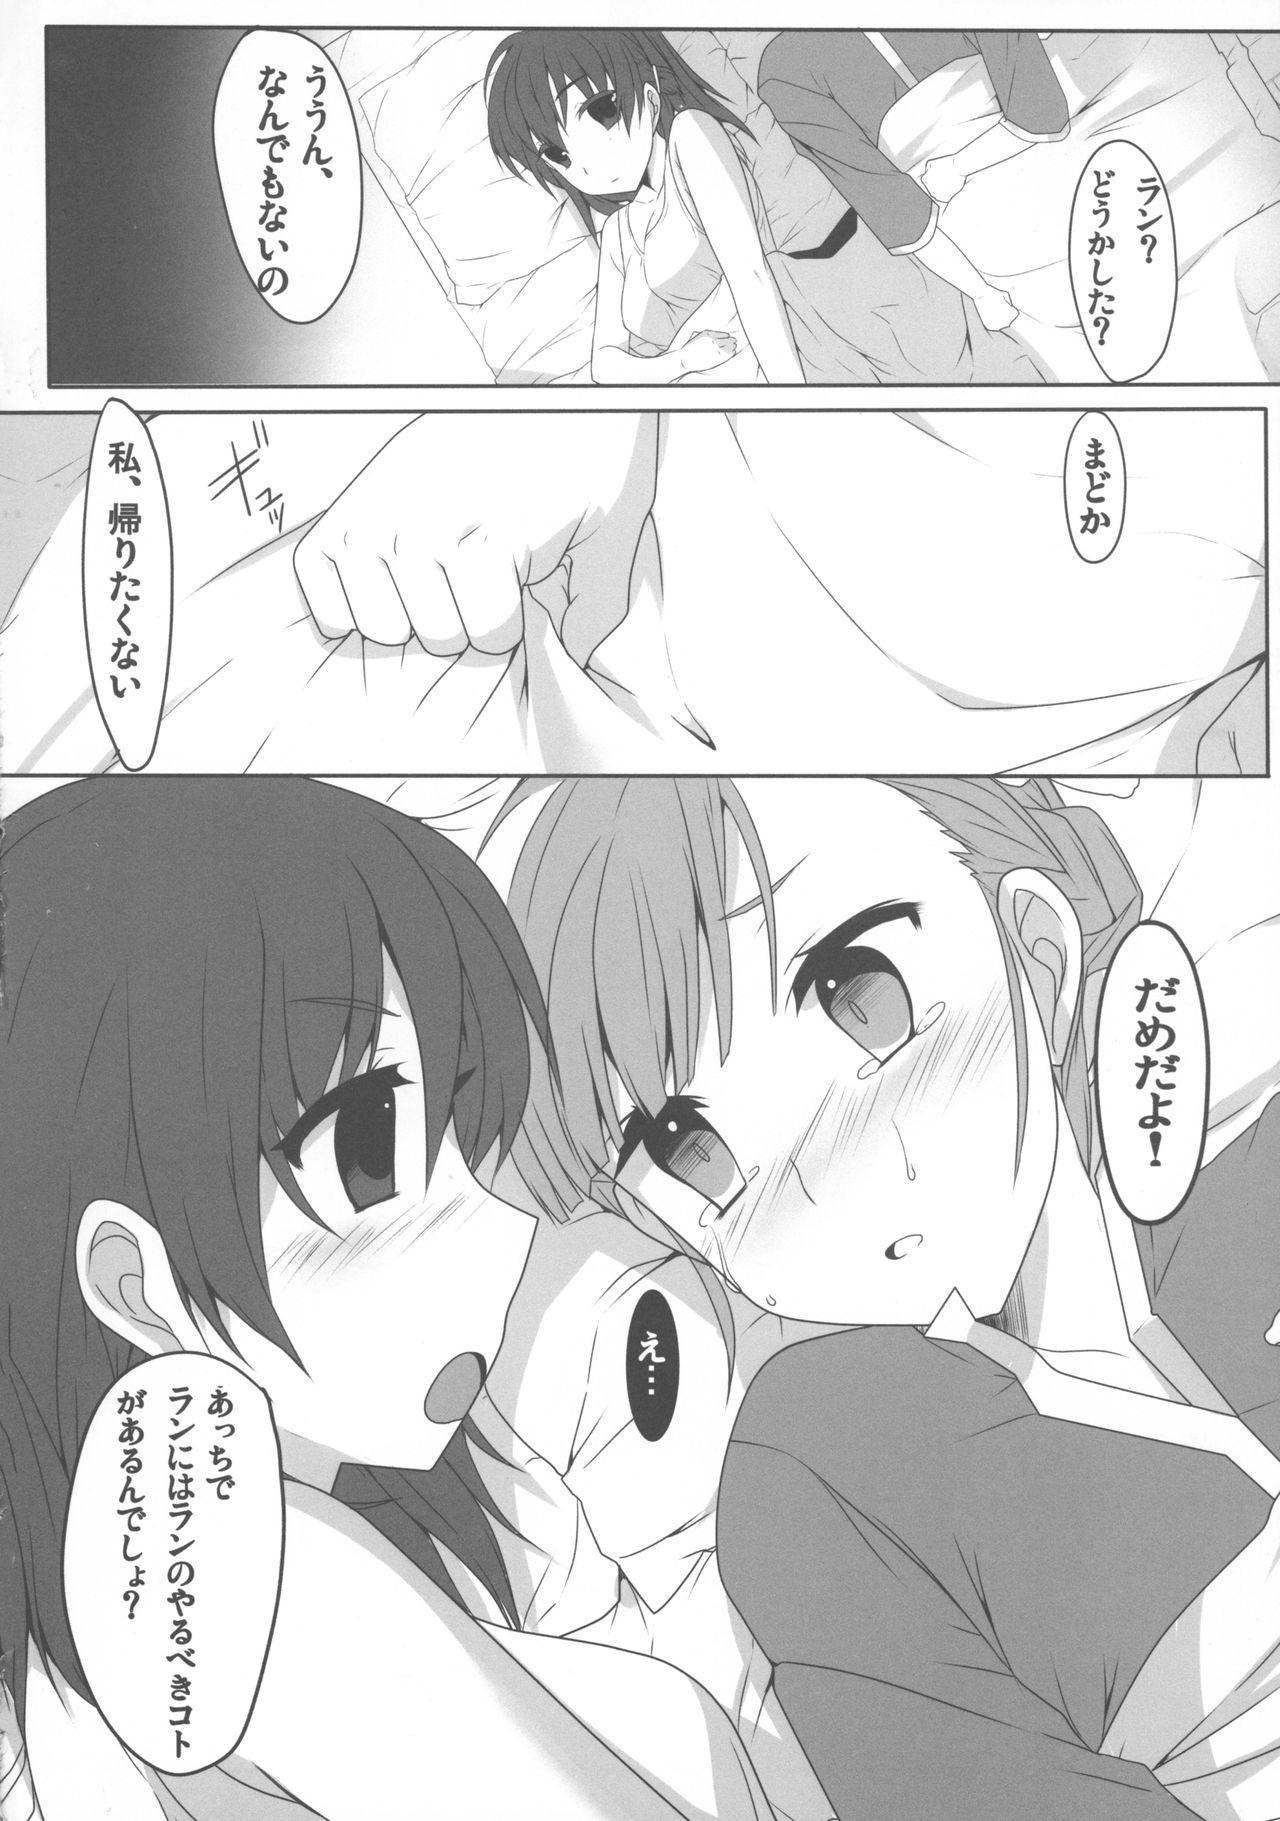 Rinne no Hana Saku Machi de Anata to Deatta 5